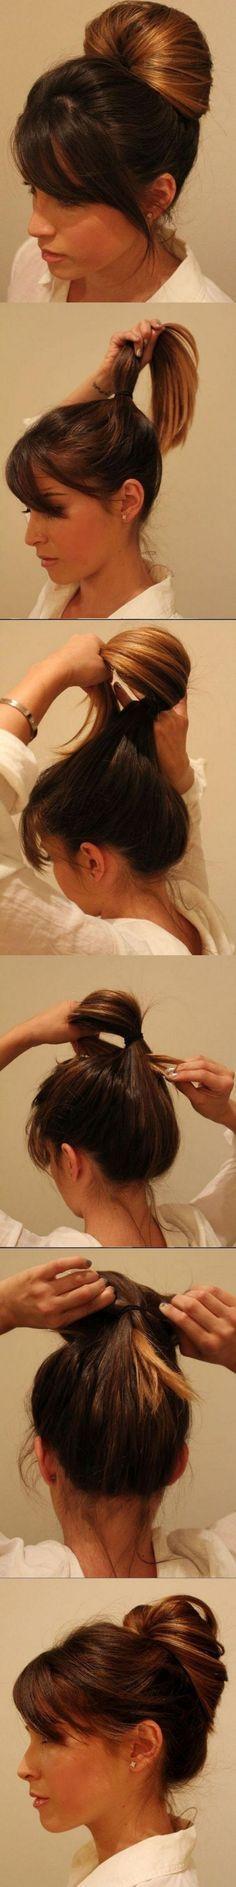 peinado-estilo-largo-con-accesorios-1.jpg (559×4471)